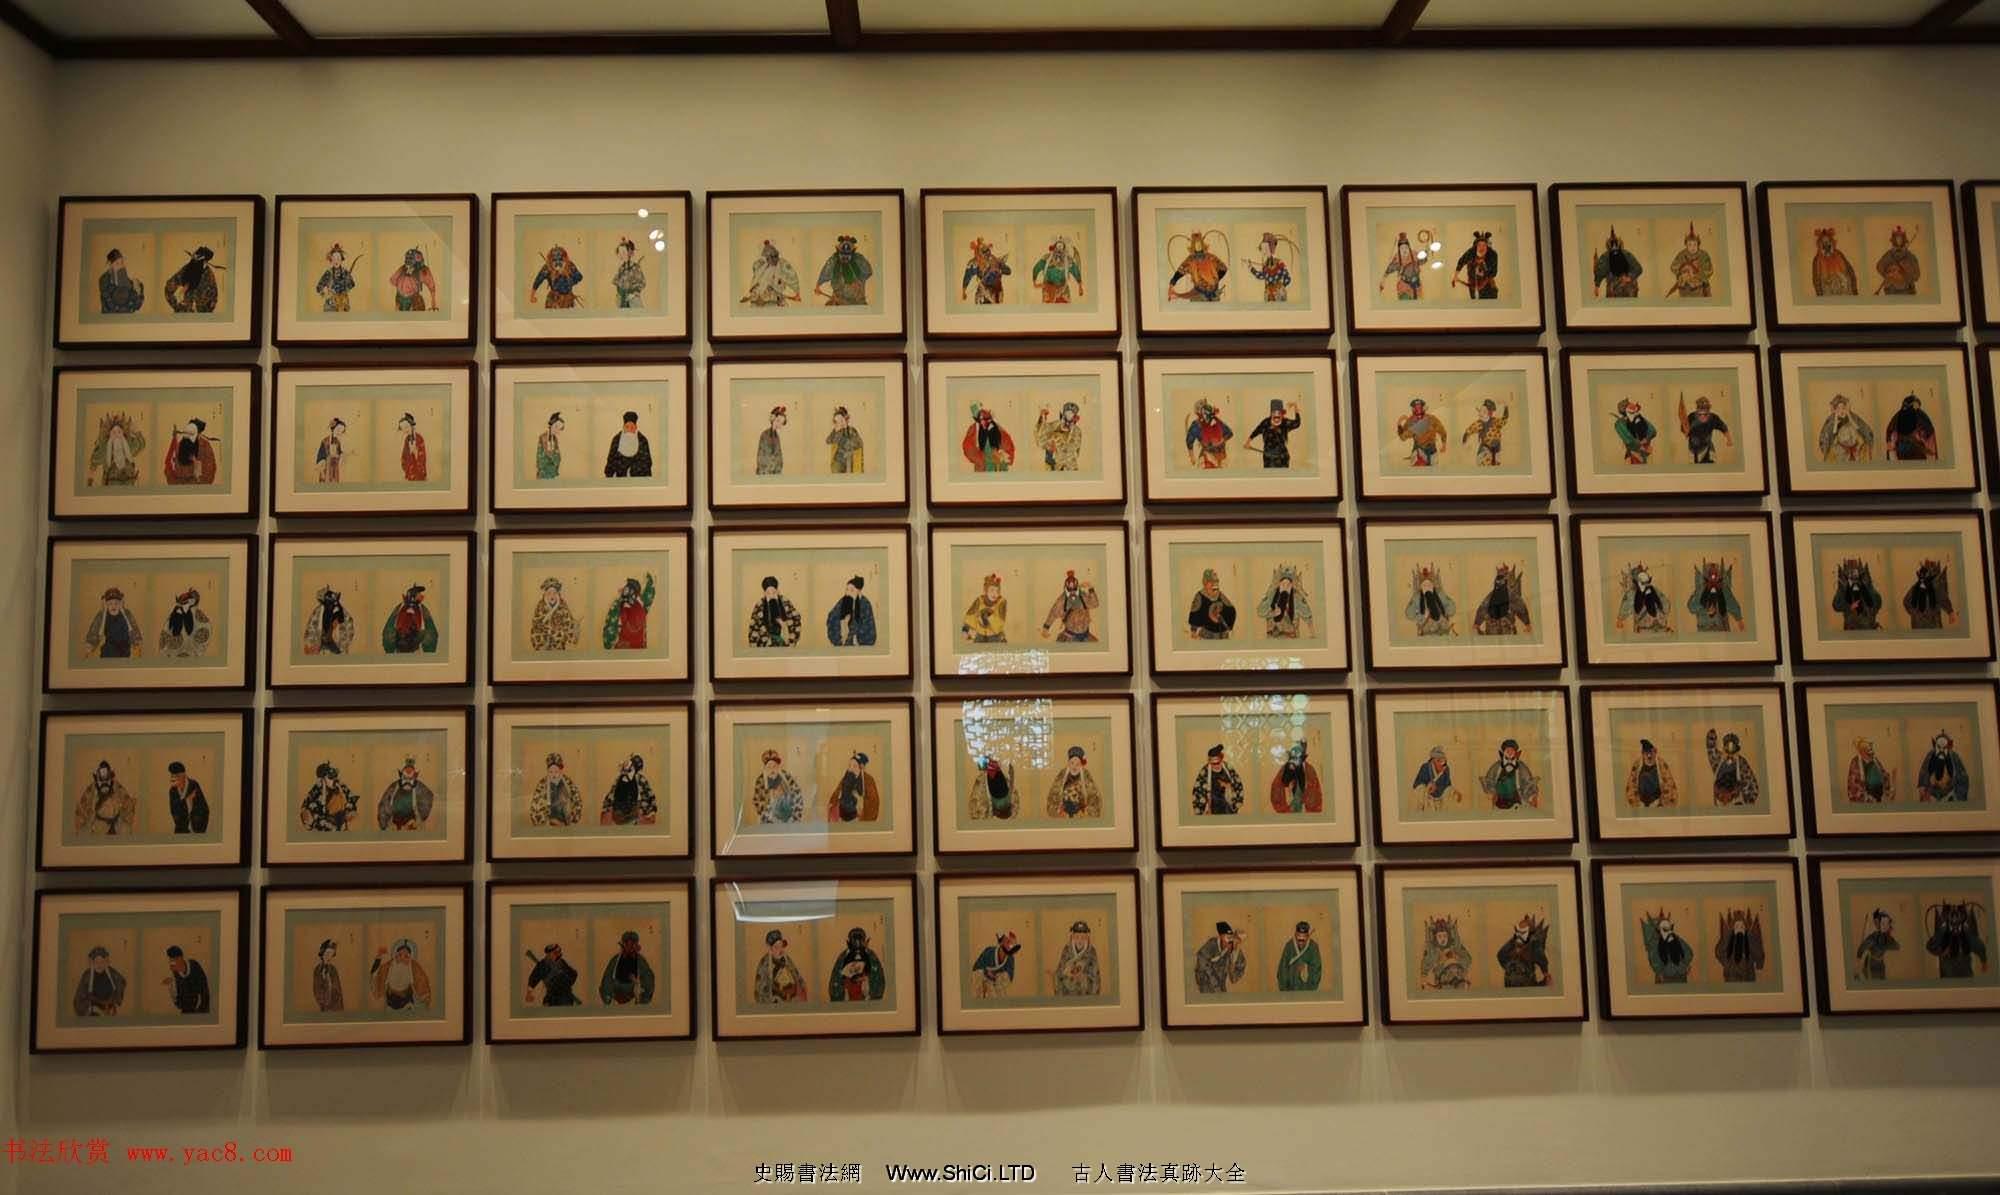 清代彩繪冊頁《戲曲人物百圖》美國大都會博物館藏(共100張圖片)